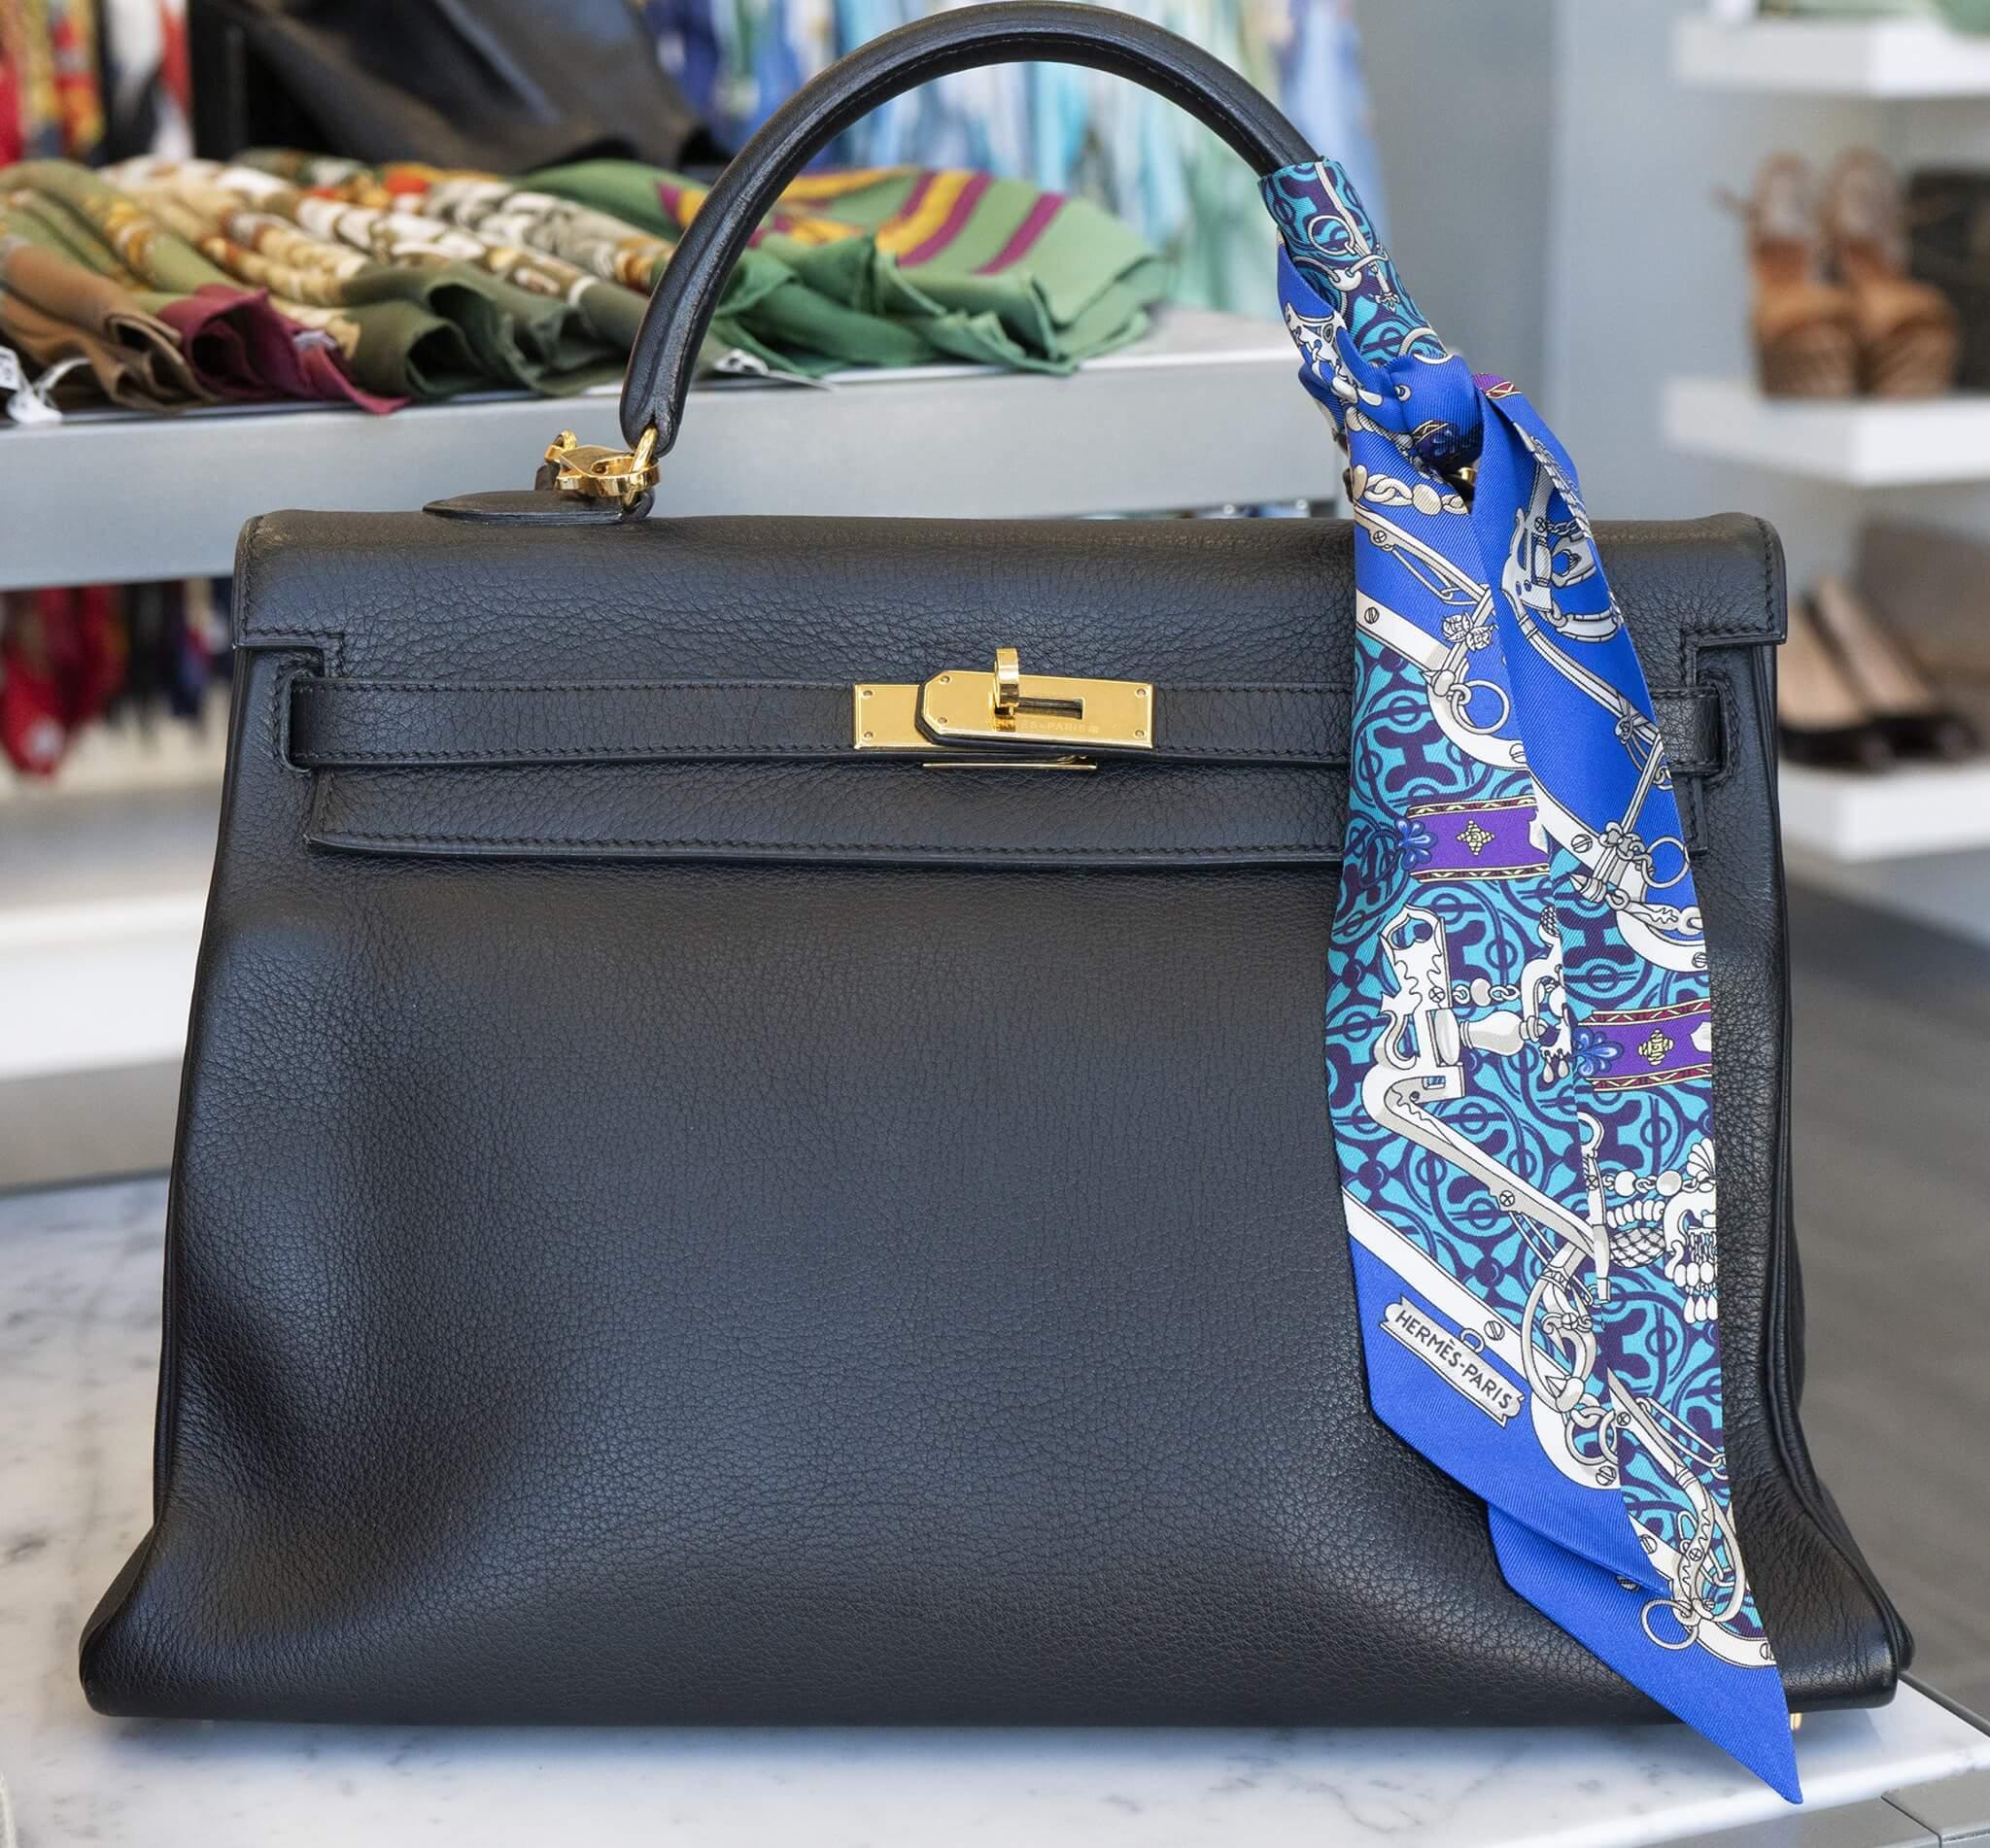 image of hermes handbag